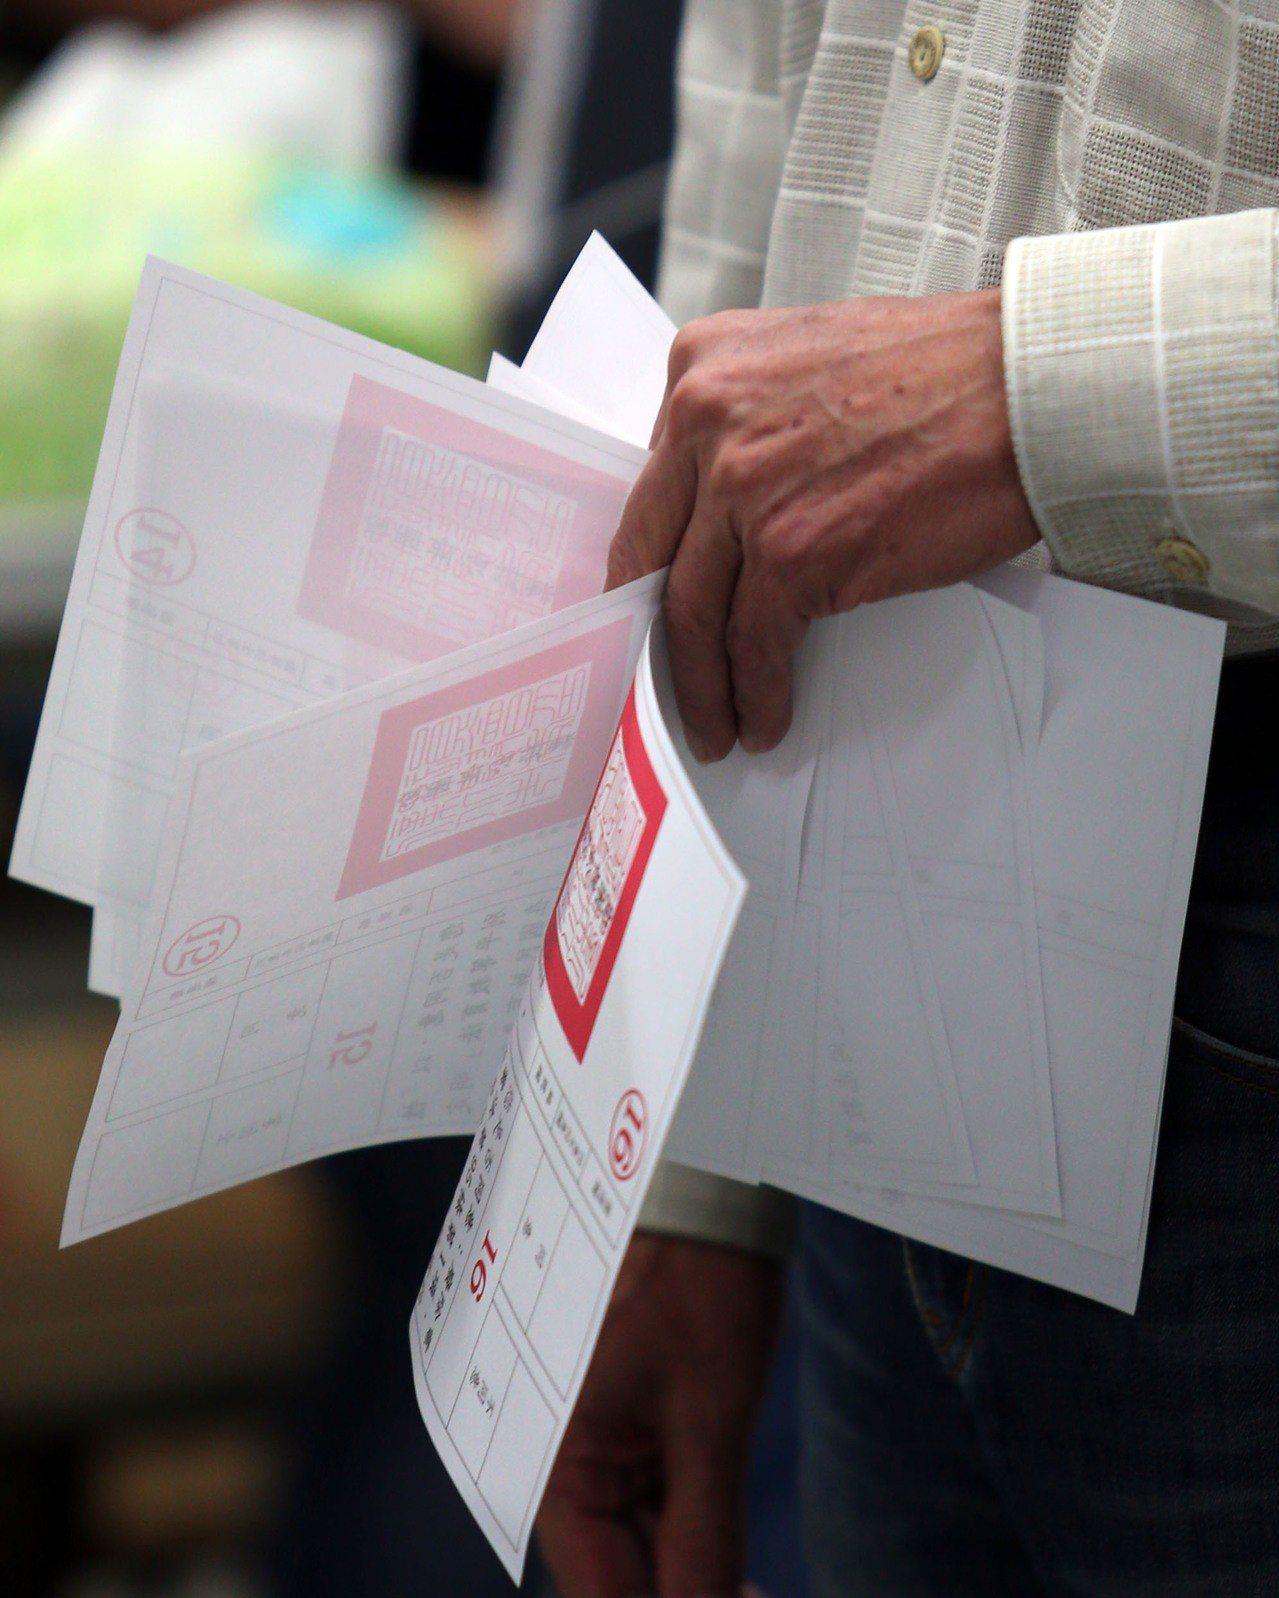 九合一大選今天上午開咍投票,由於今年最多有十三張選票,民眾手上拿著十張公投票等著...